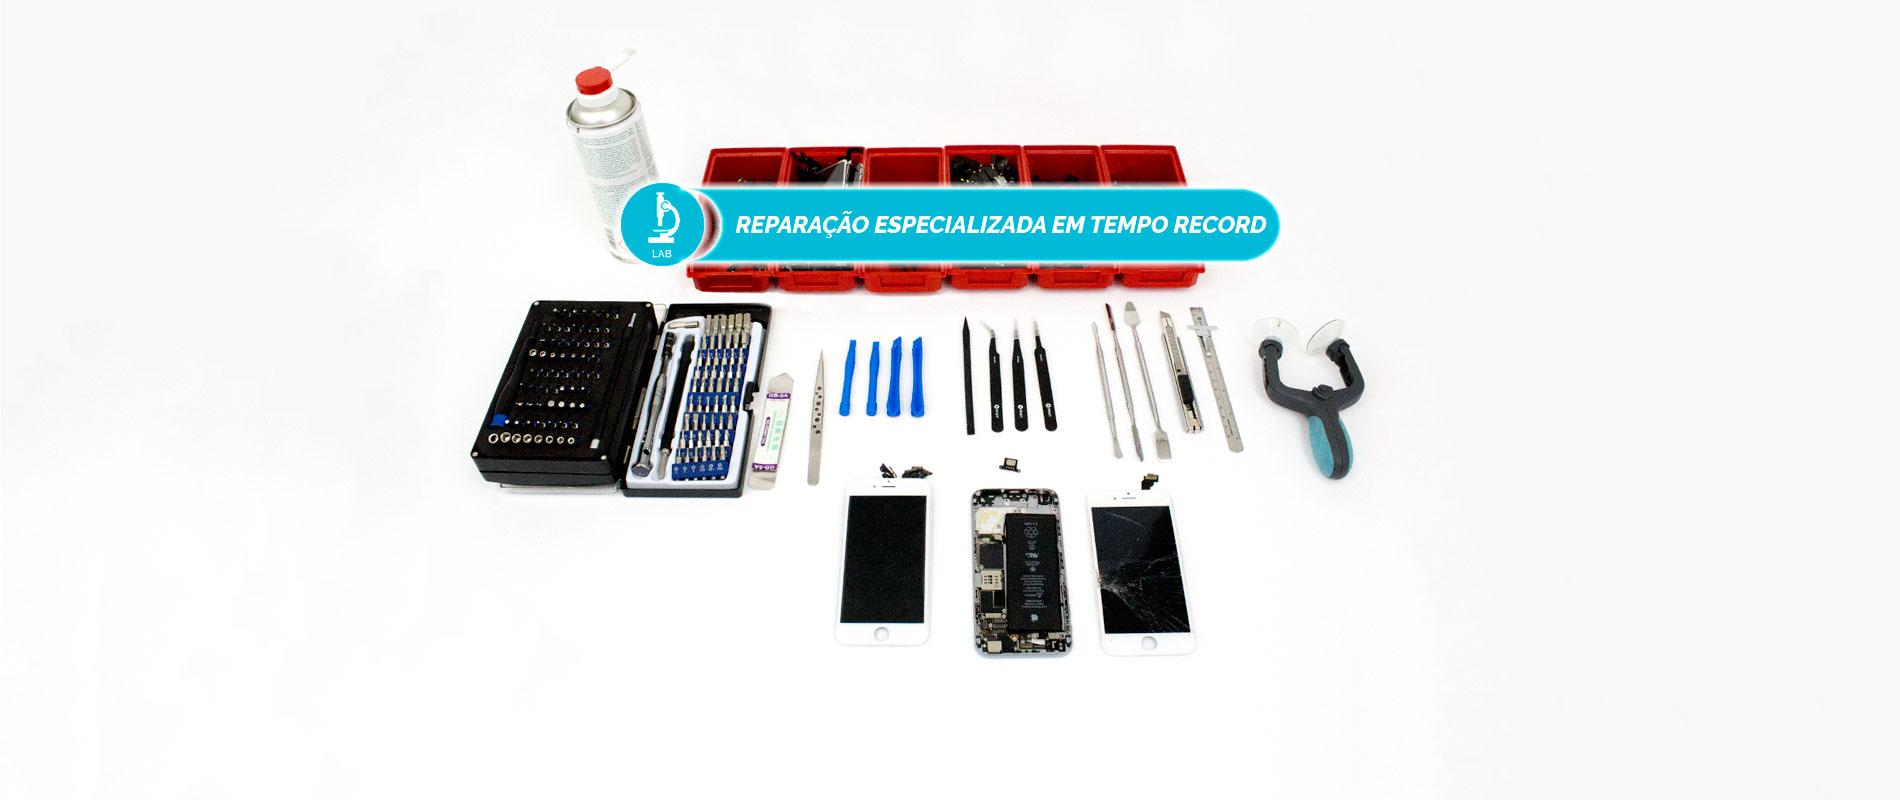 Gadget Hub - Telemóveis Novos e Usados - Reparação de Telemóveis - Reparação iPhone em Lisboa